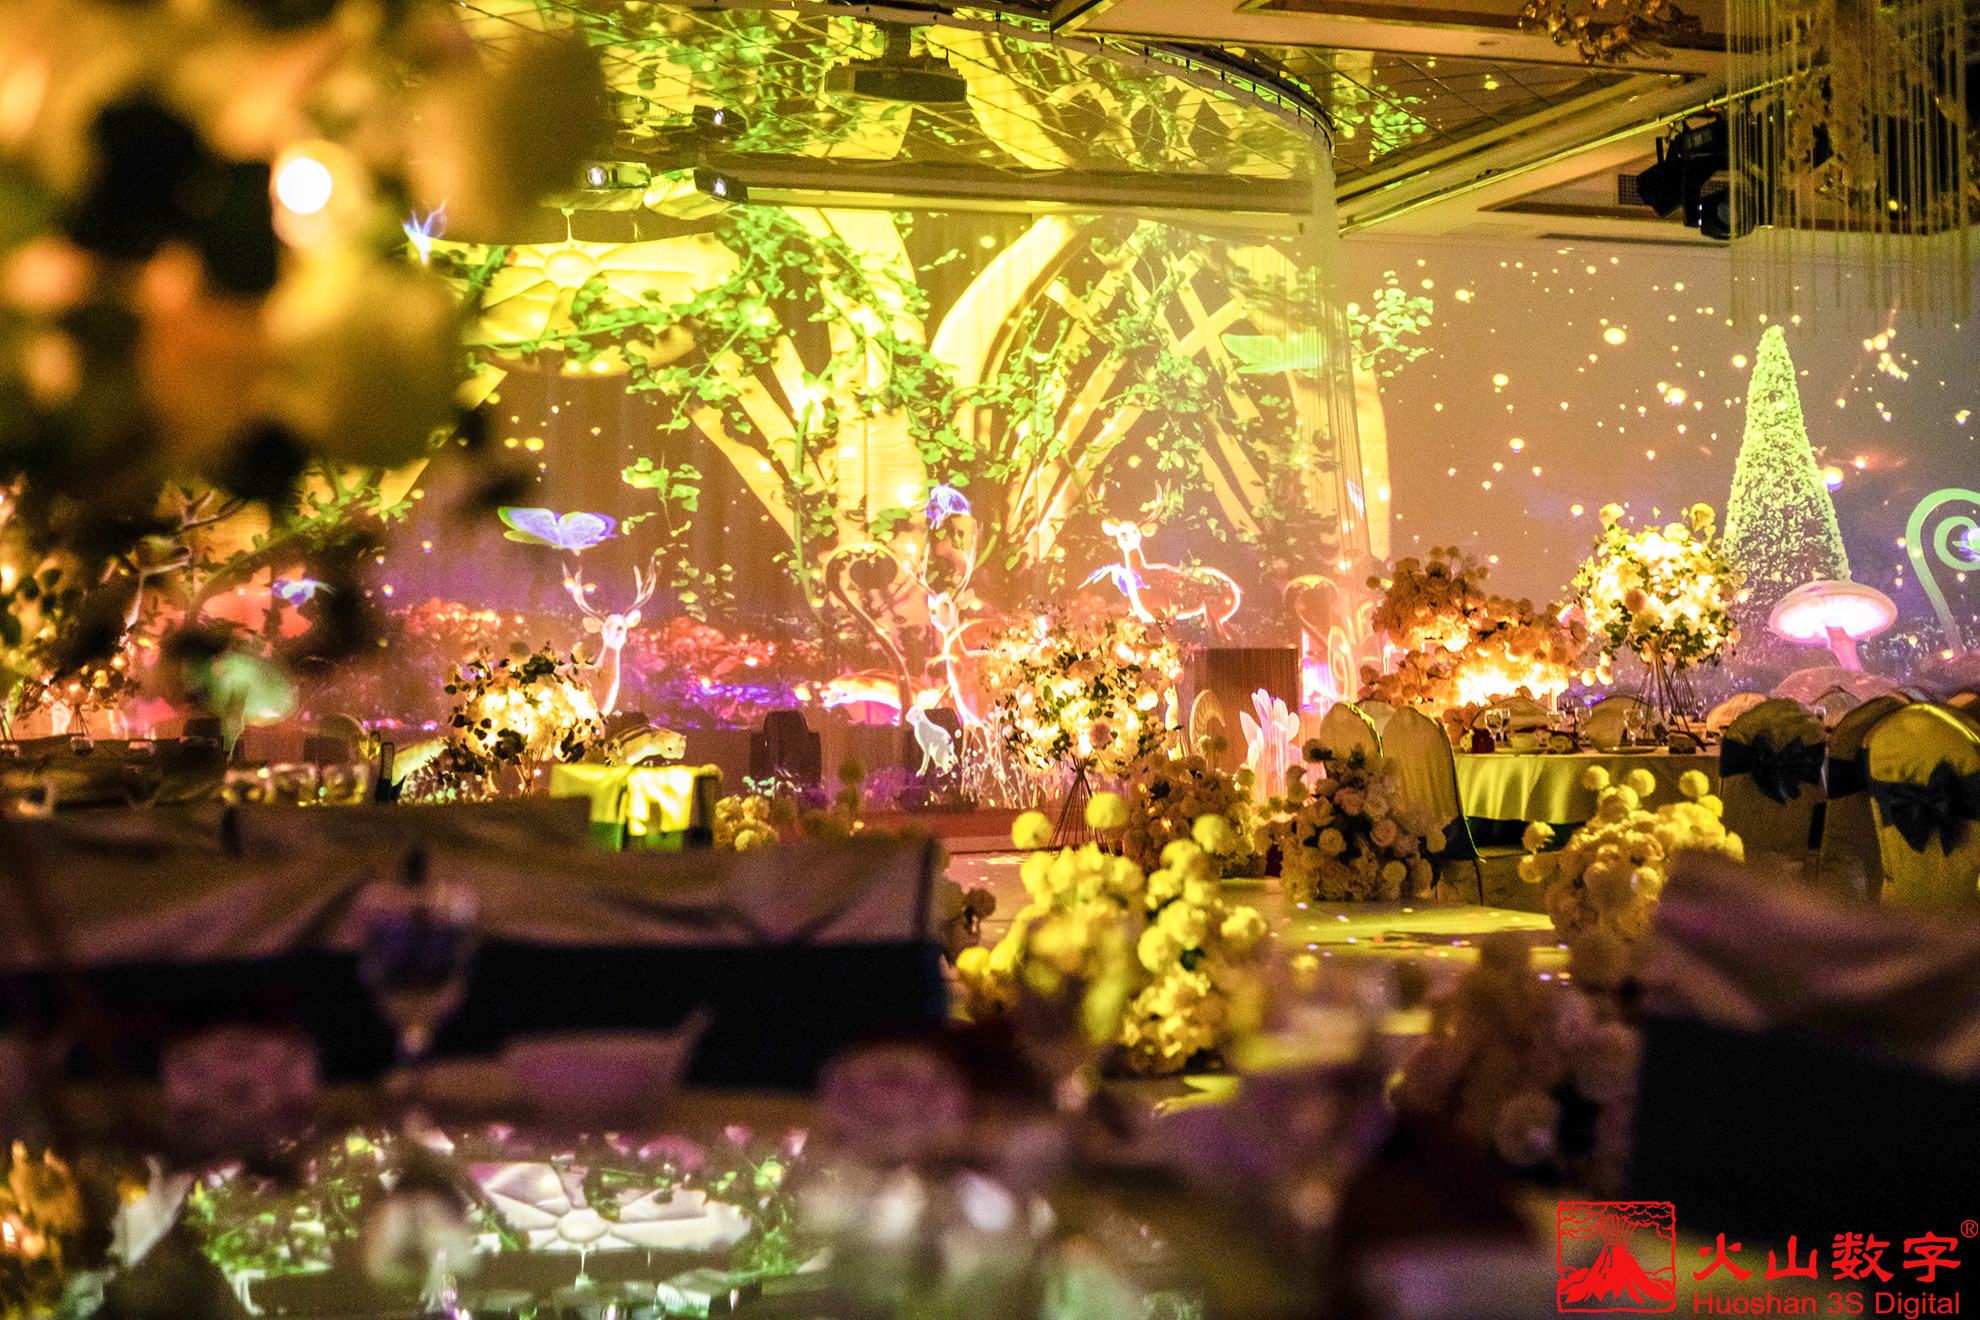 全息影像技术打造的宴会厅